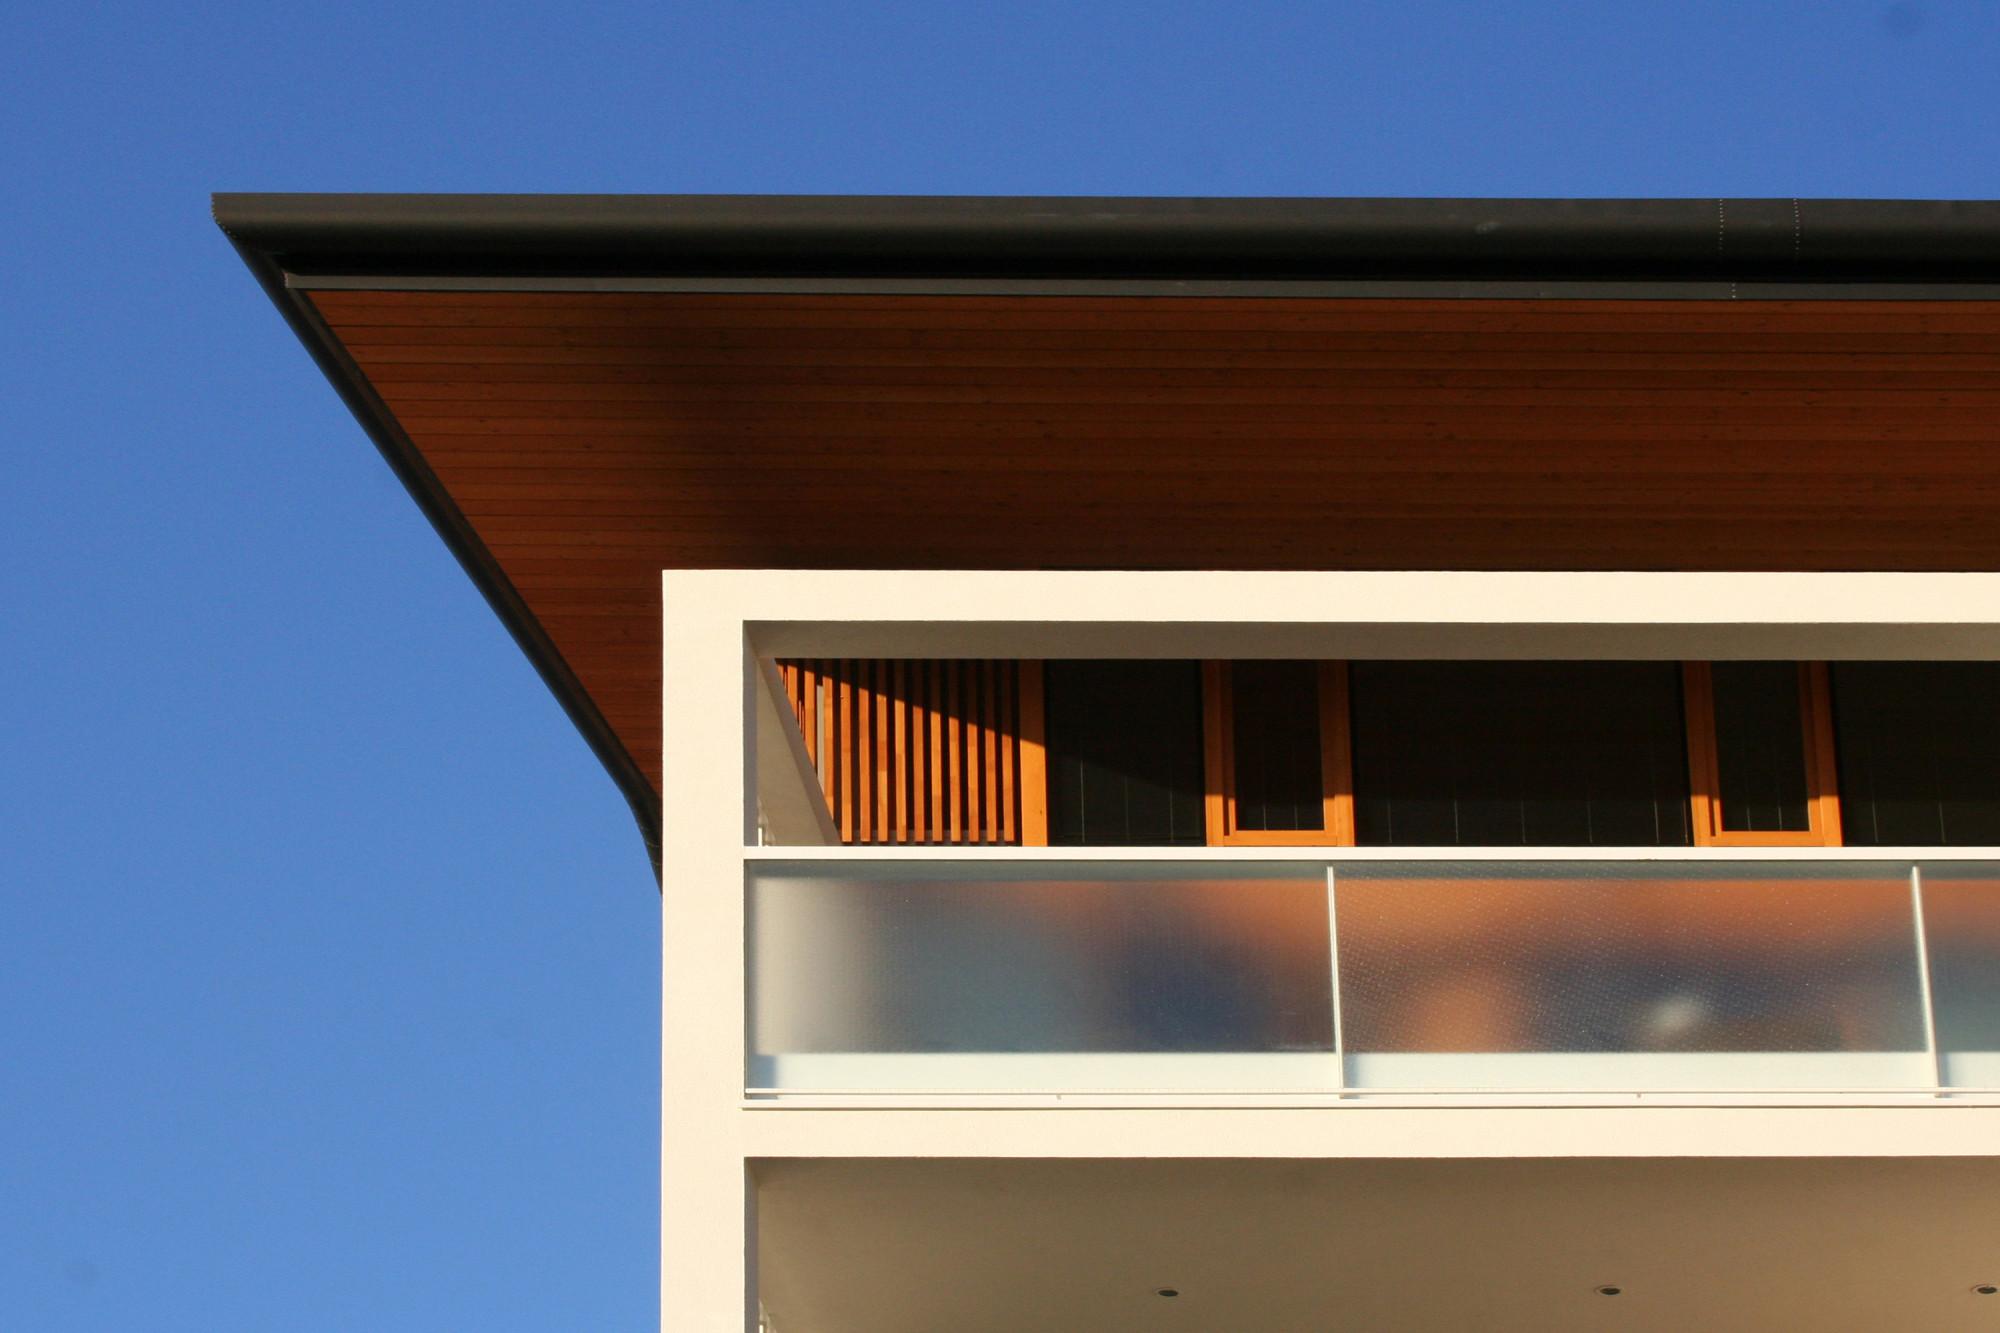 Progetto: Studio Toribio Sosa + Arch. Stefania Maino. Vimercate, Italia 2009